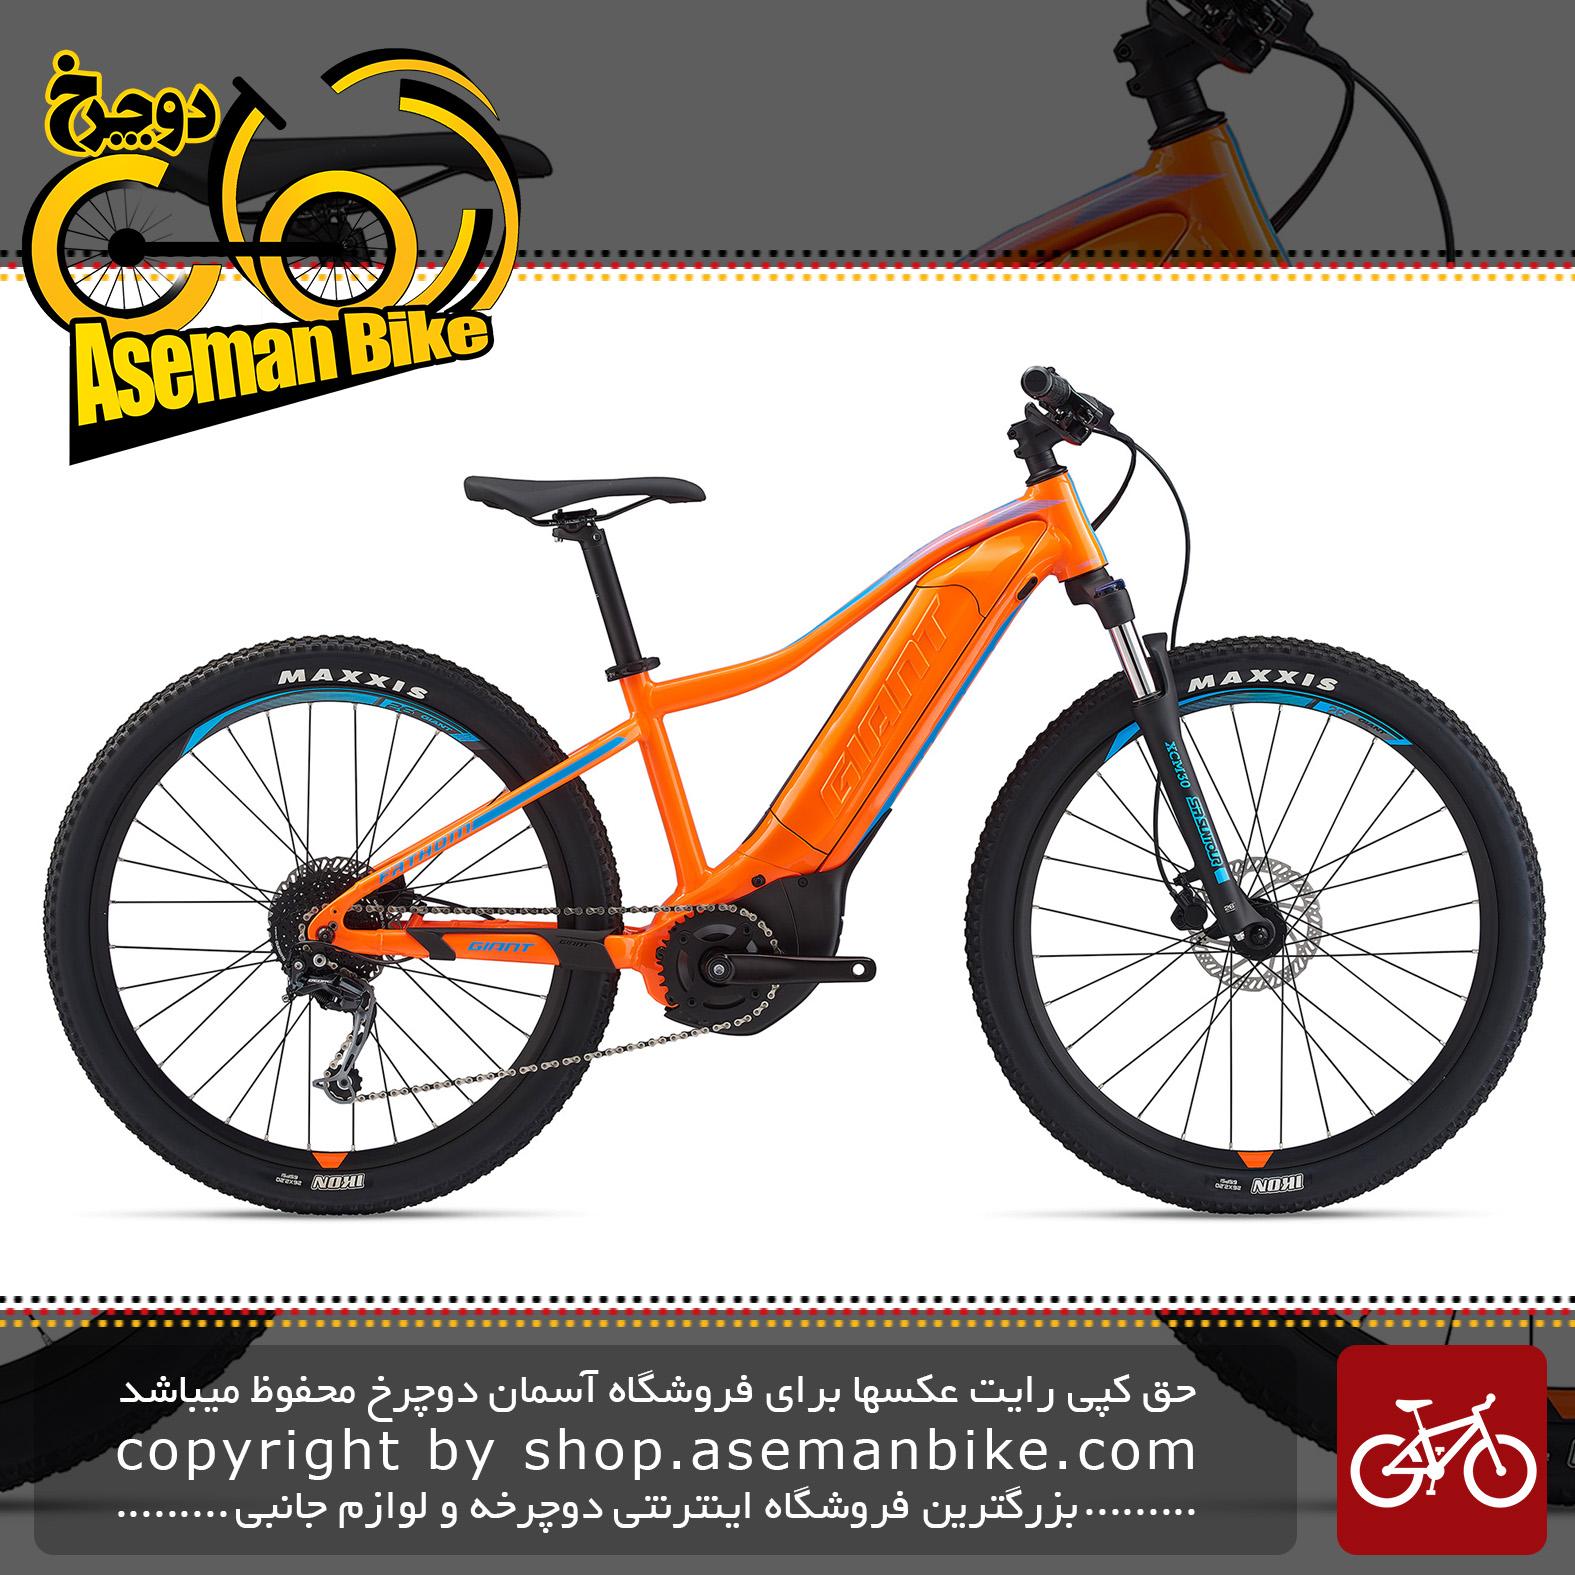 دوچرخه کوهستان برقی جاینت مدل فدم ای پلاس 3 جونیور 2020 Giant Mountain Bicycle Fathom E+ 3 Junior 2020